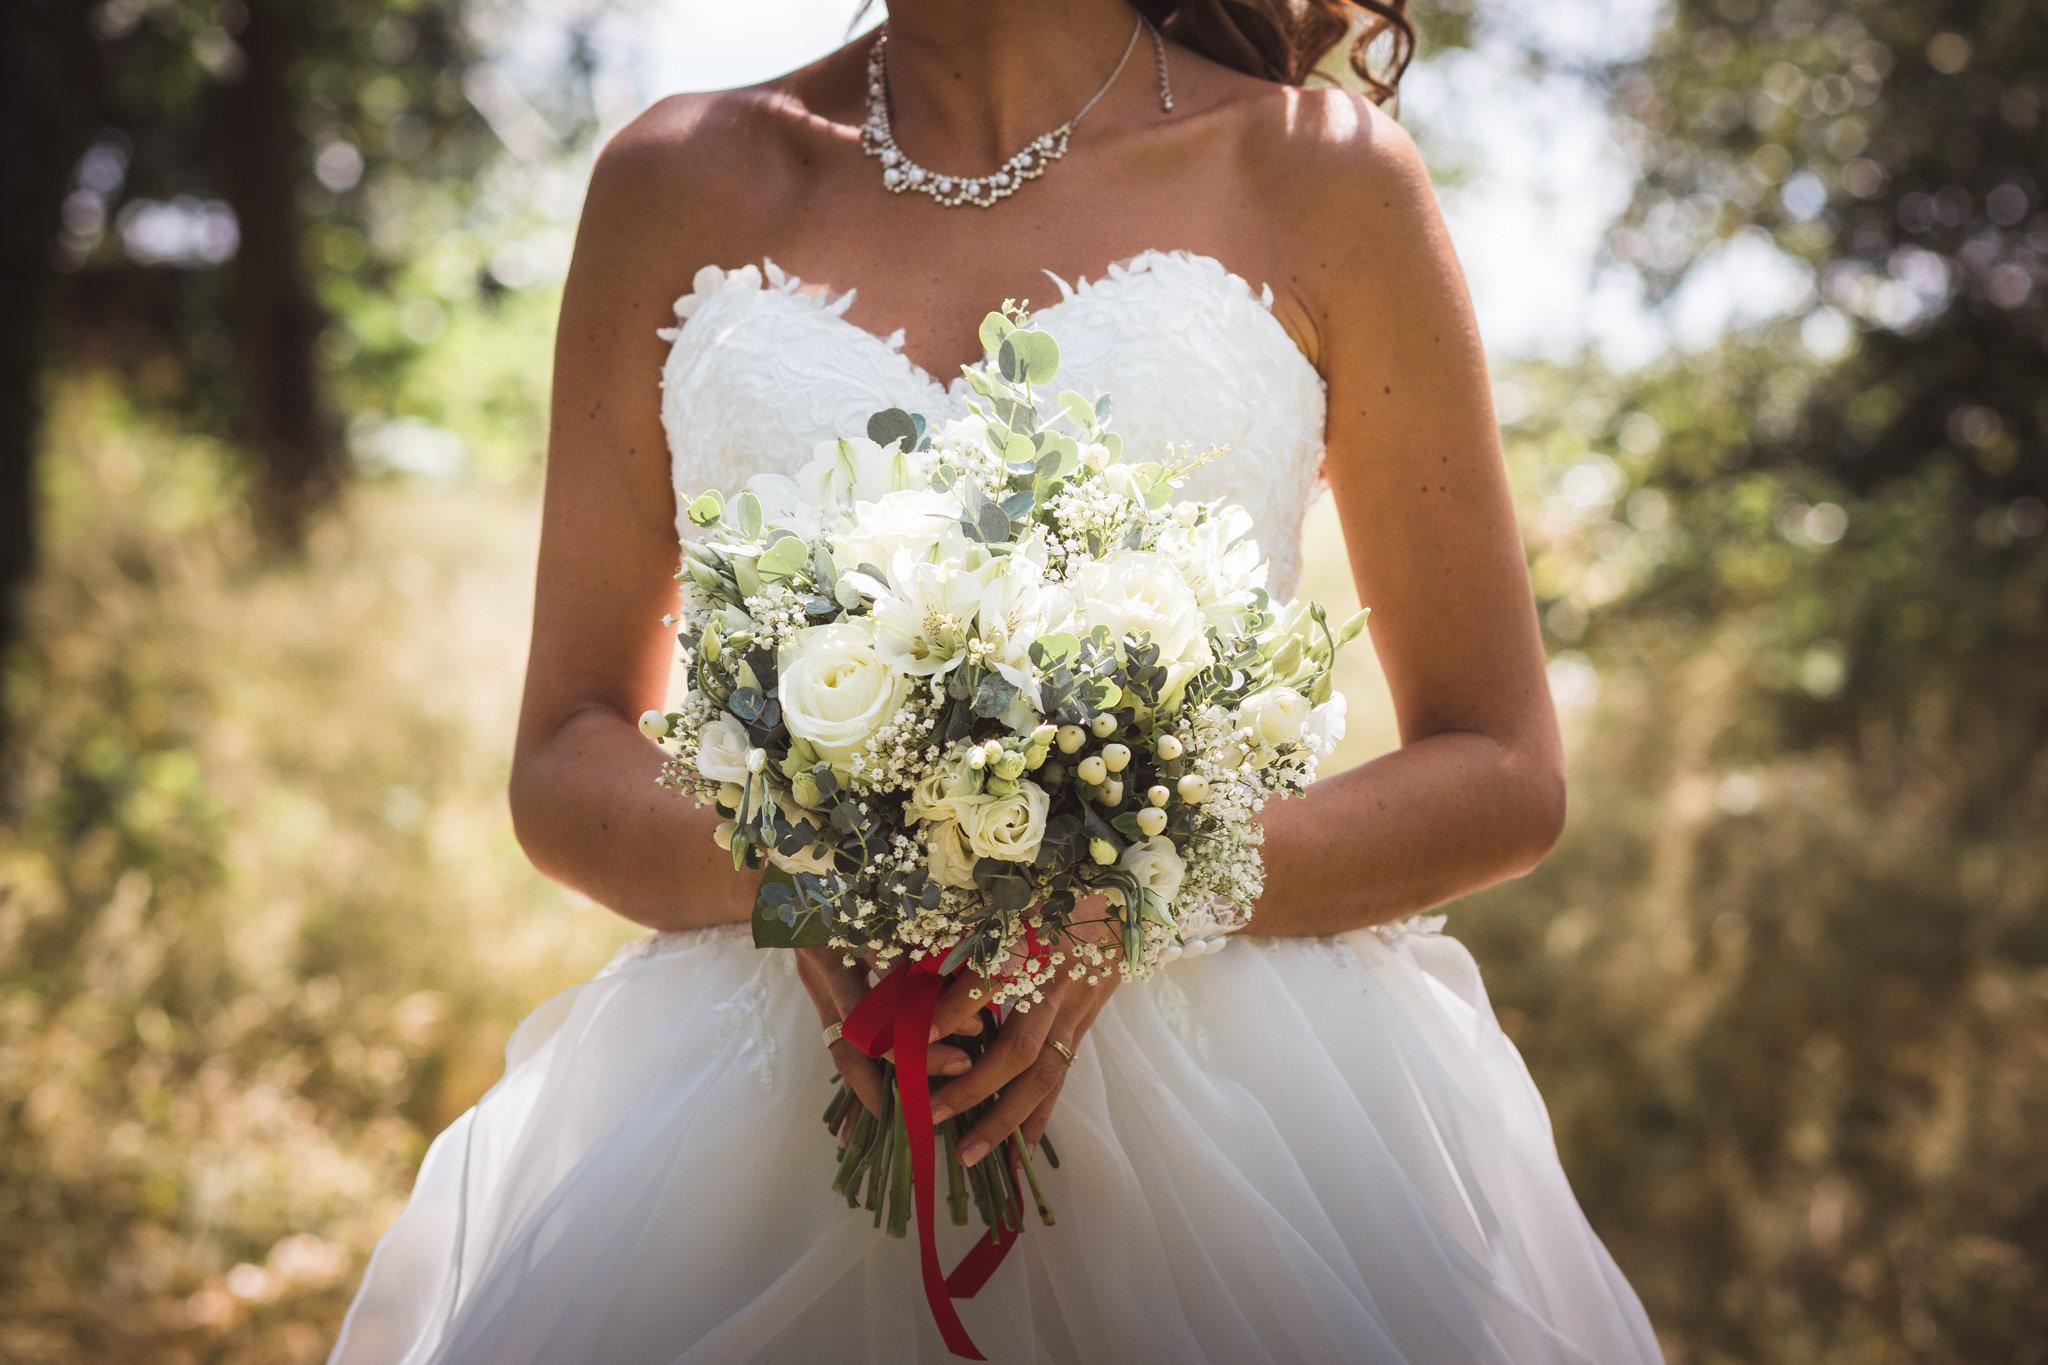 fleuriste mariage cjermond ferrand bouquet de mariée fleur événementiel